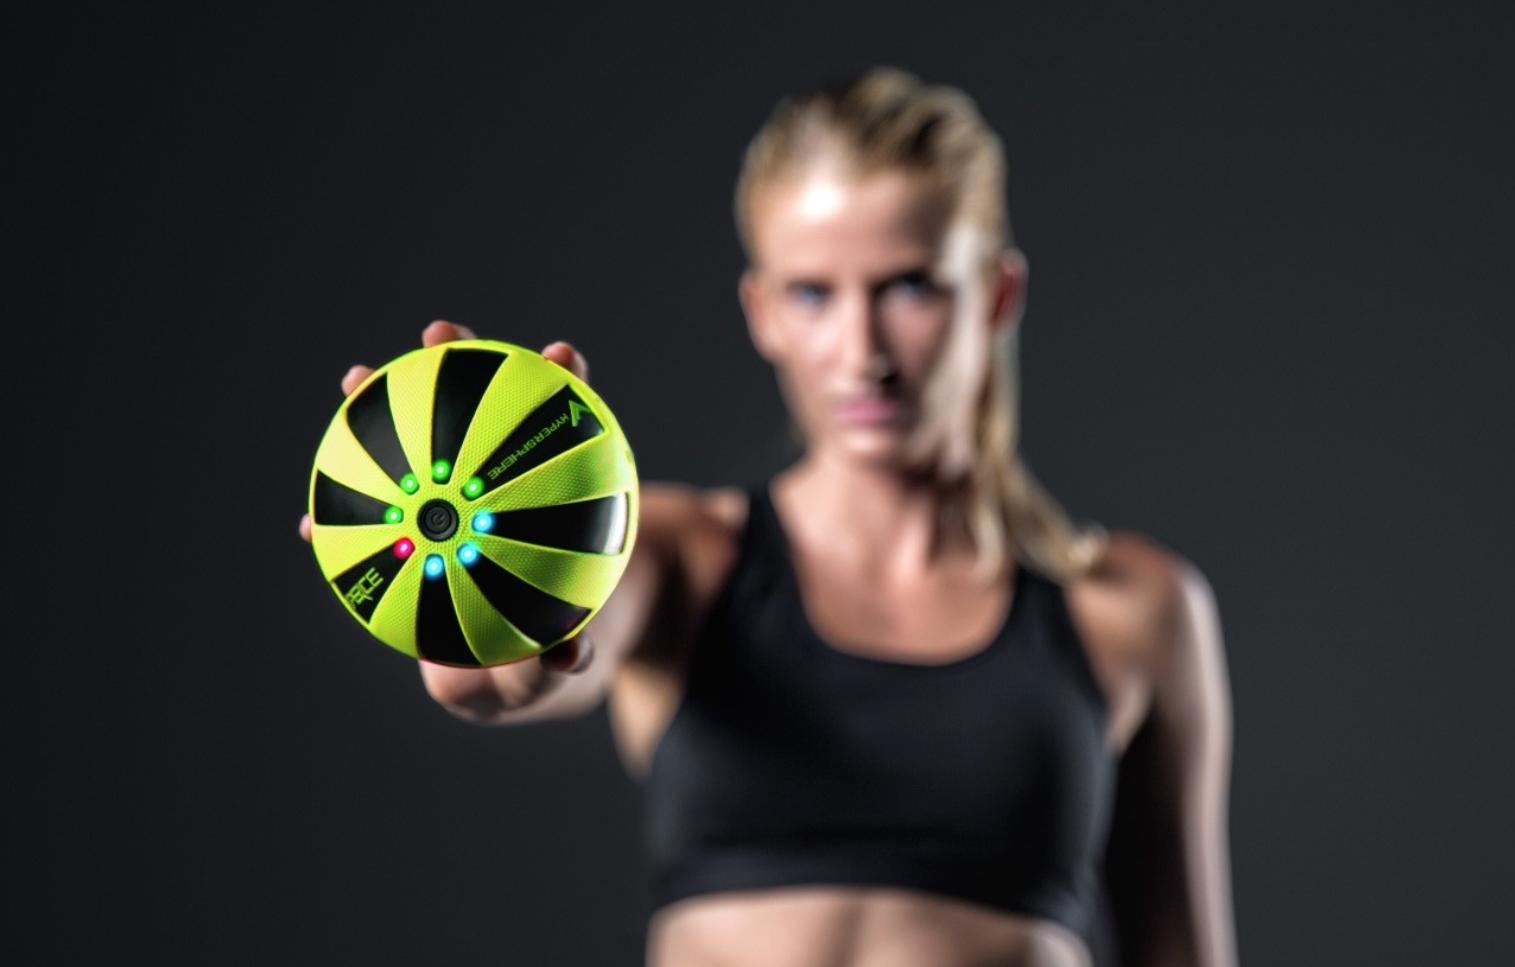 Hypersphere - uma nova e imprescindível ferramenta de treino